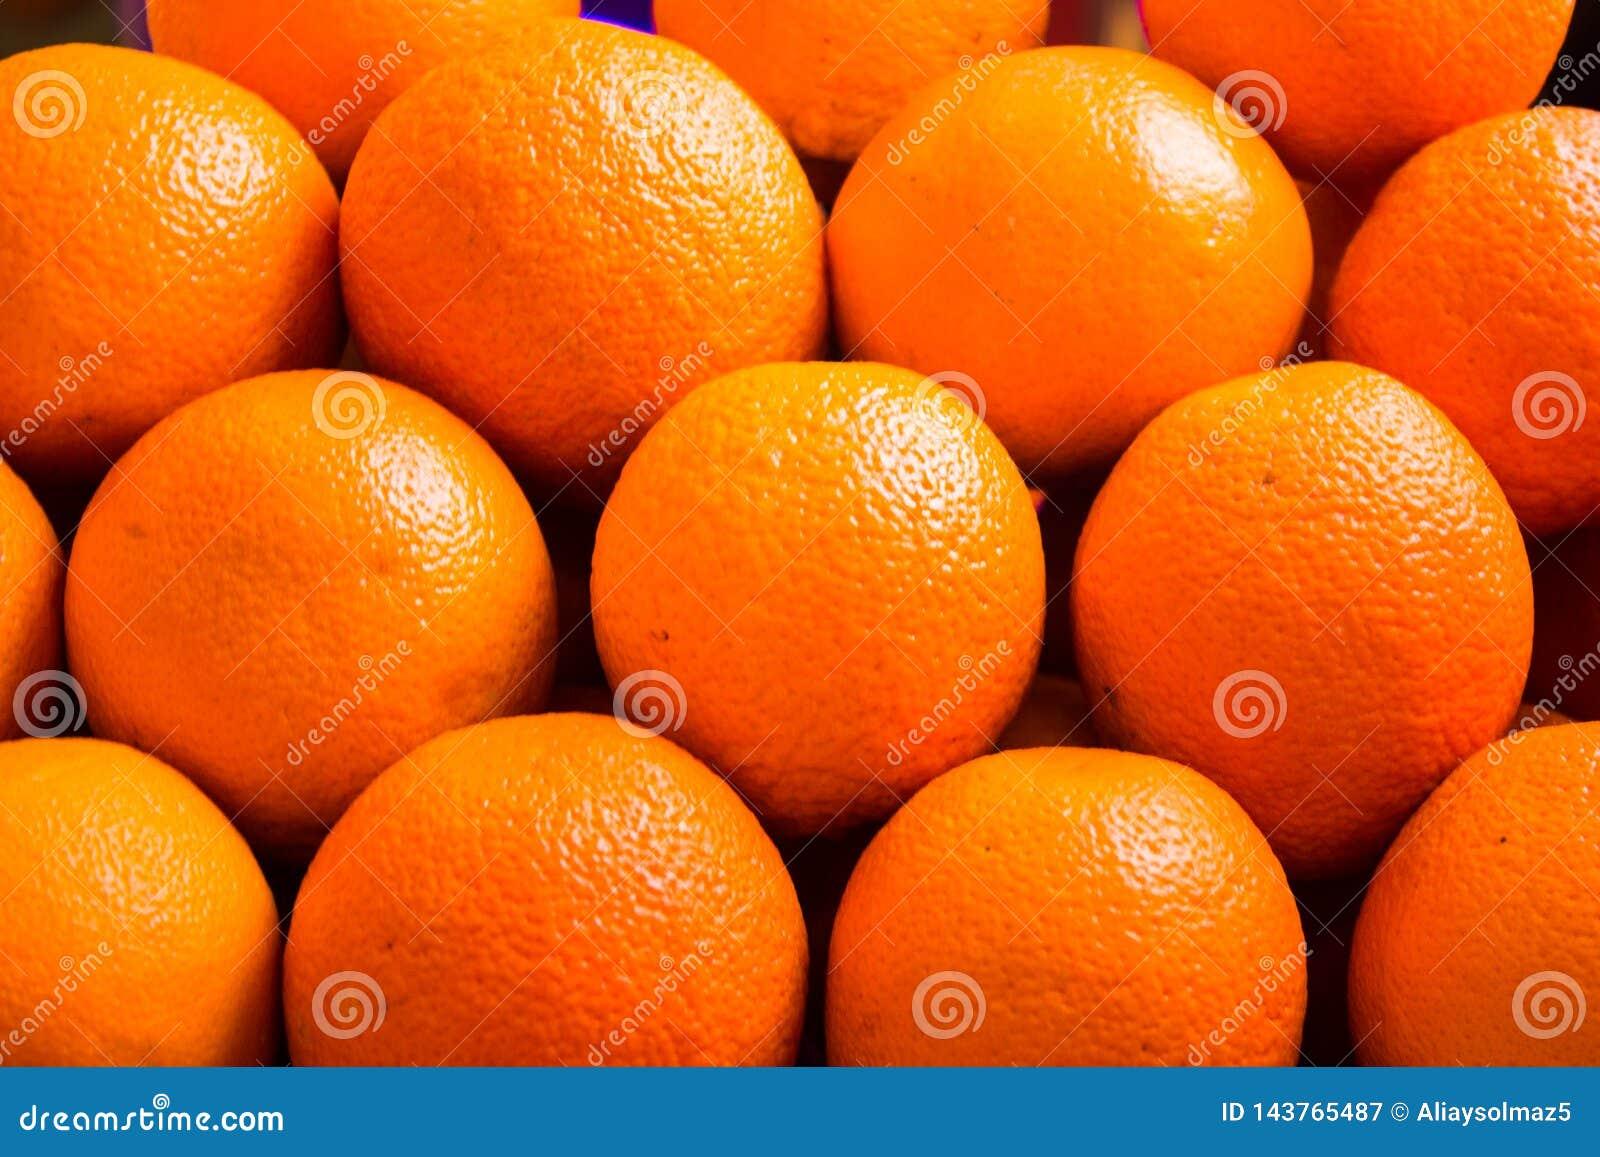 Decorated Orange on the Market Shelf